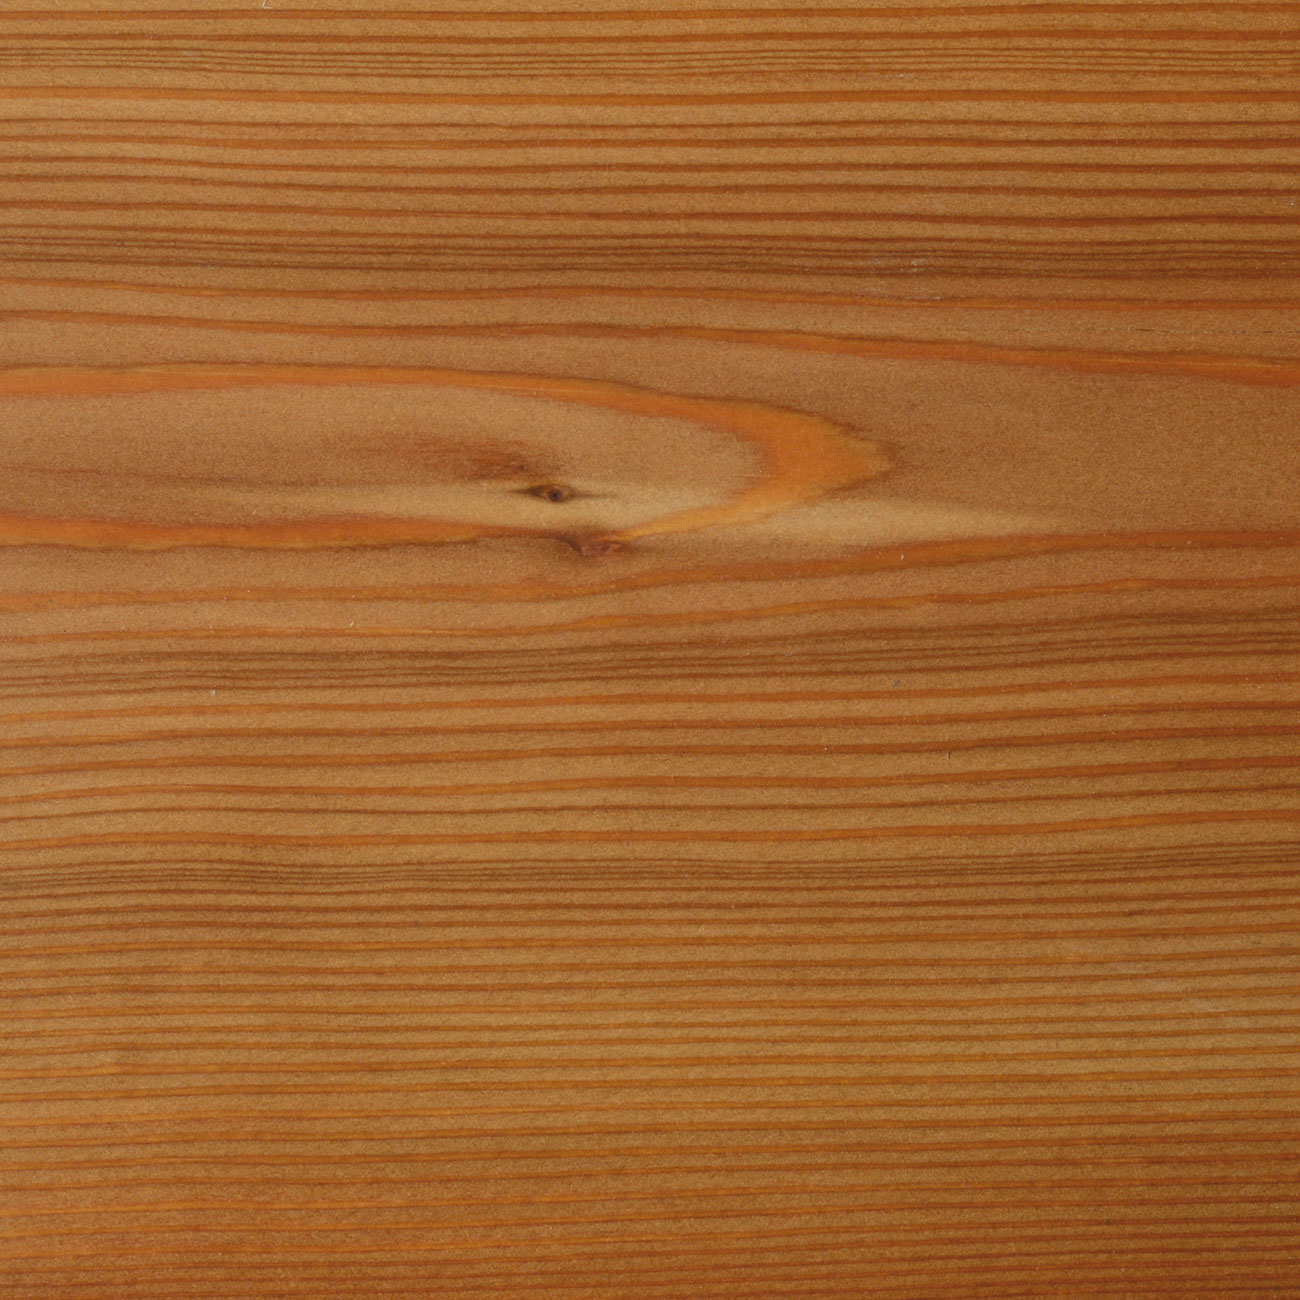 70. Lärche geschliffen mit Faxe Speziallauge gelaugt und mit Faxe Holzbodenöl natur geölt